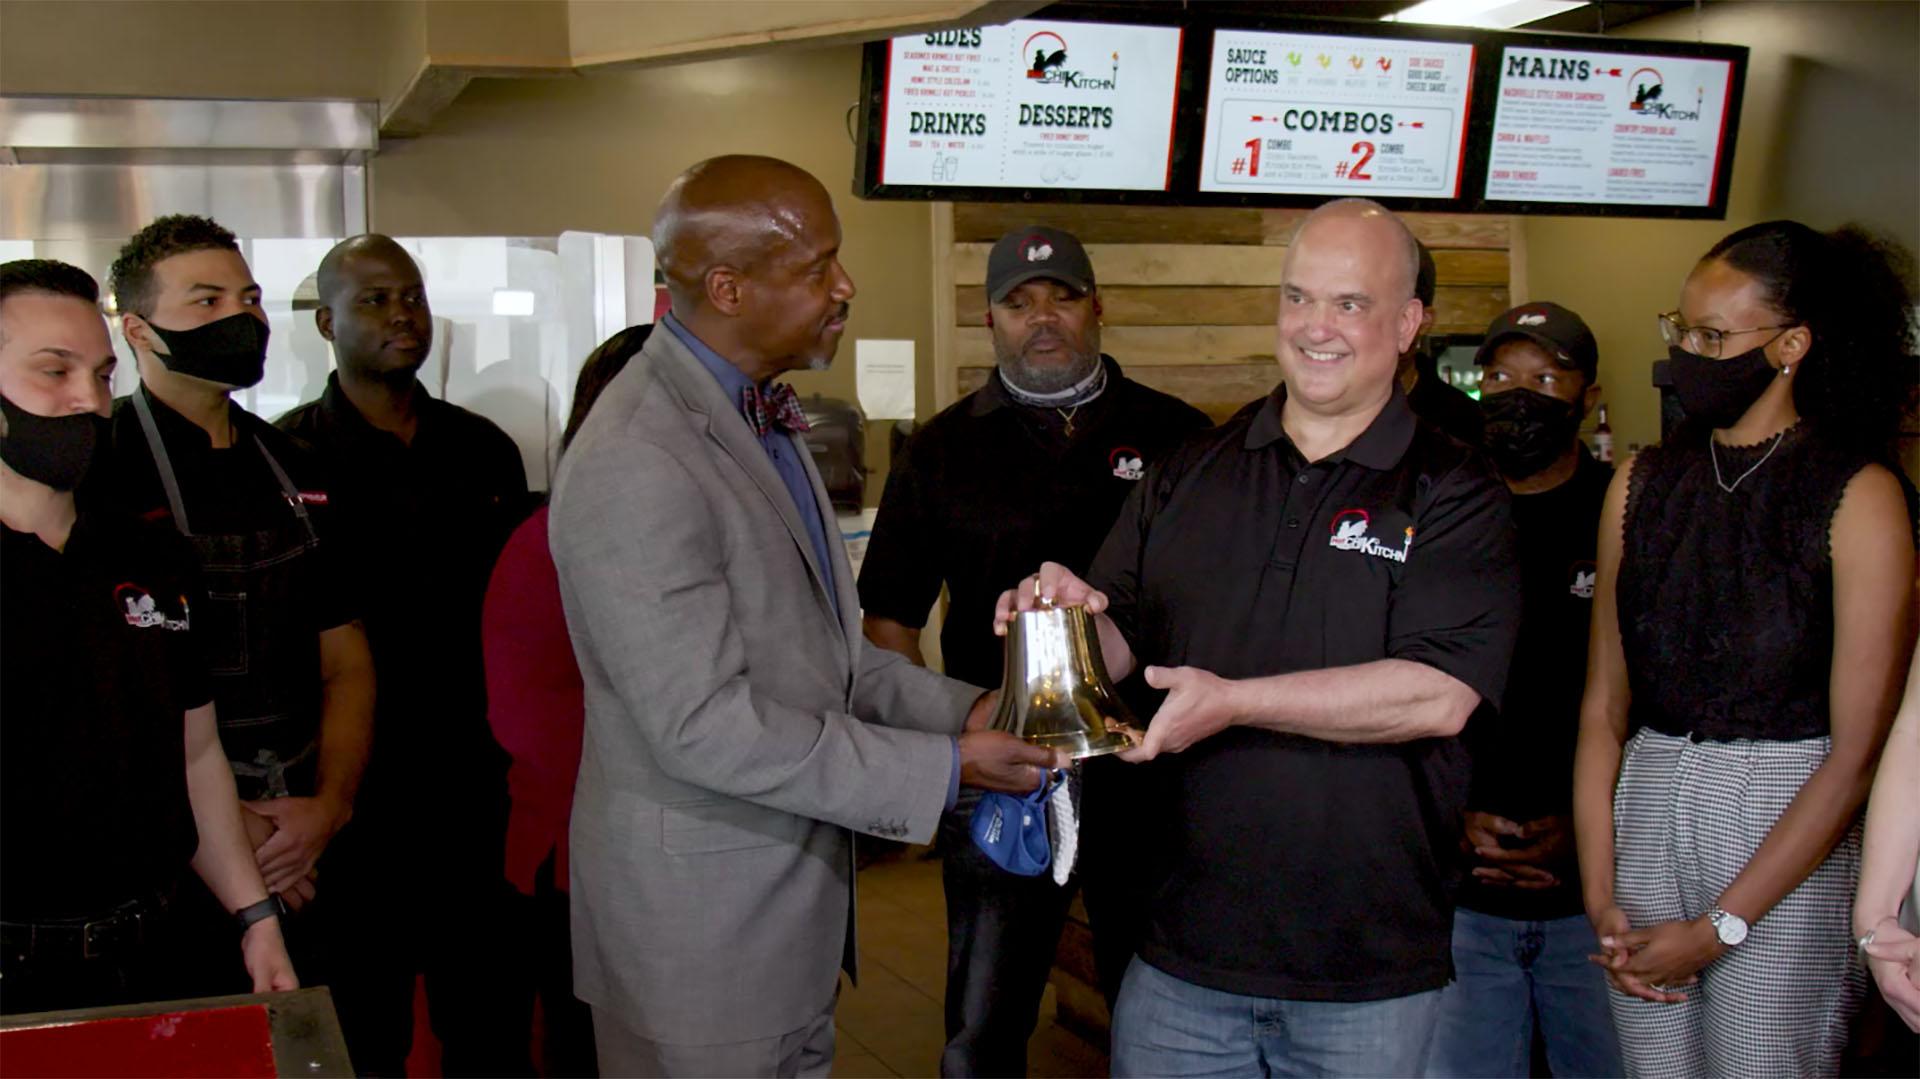 Neabsco District Supervisor provides bell to restaurant